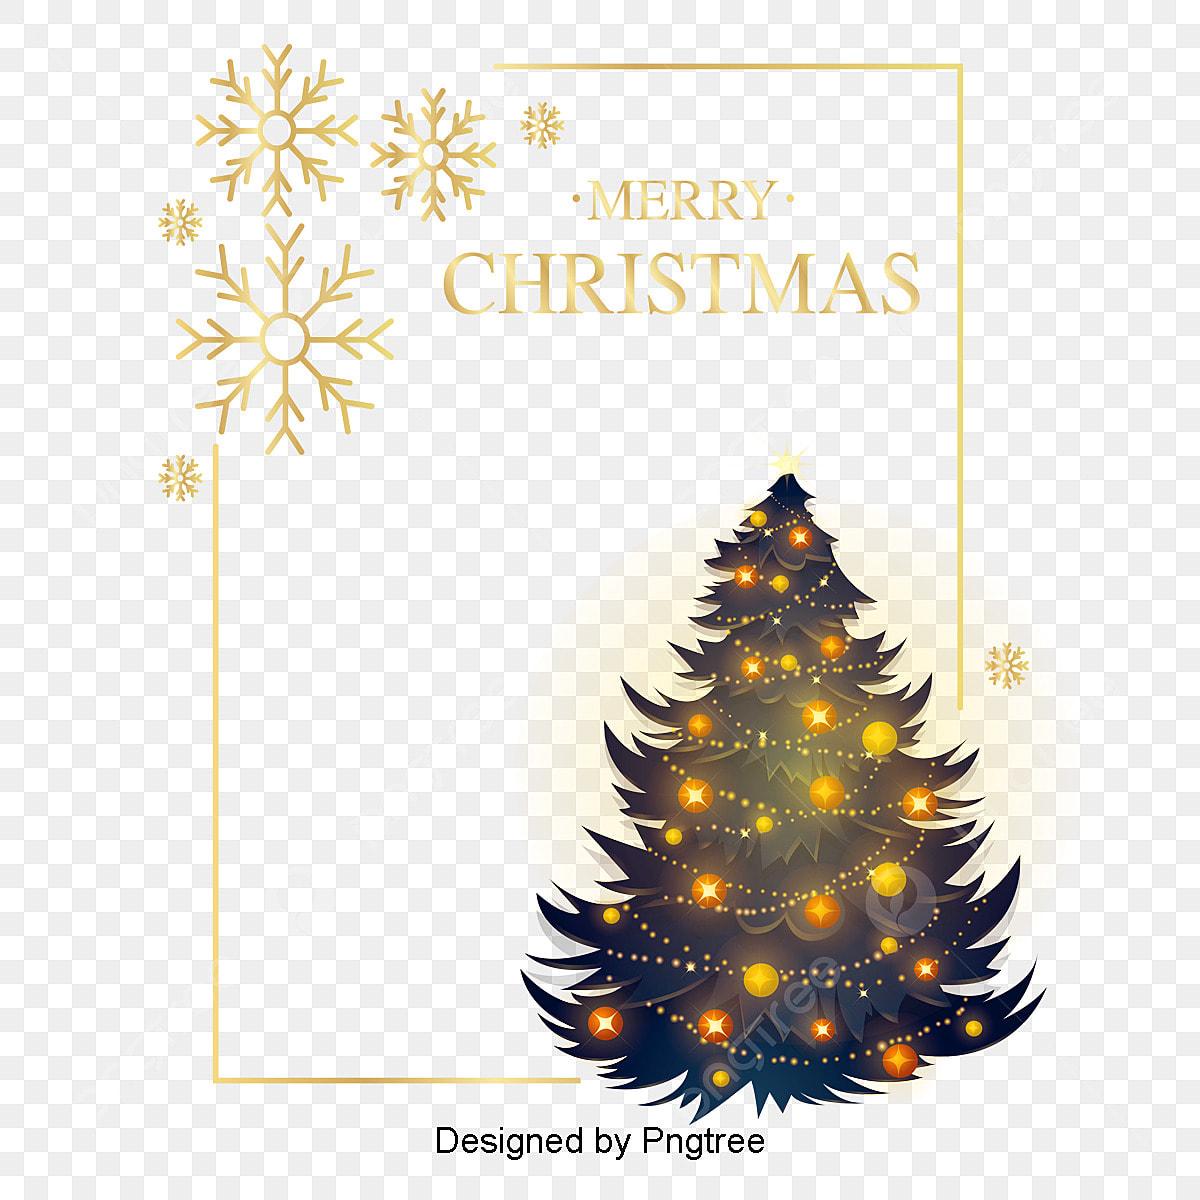 Marcos Para Fotos De Arbol De Navidad.Eses Marco Simple De Arbol De Navidad Dorado Frame Marcos